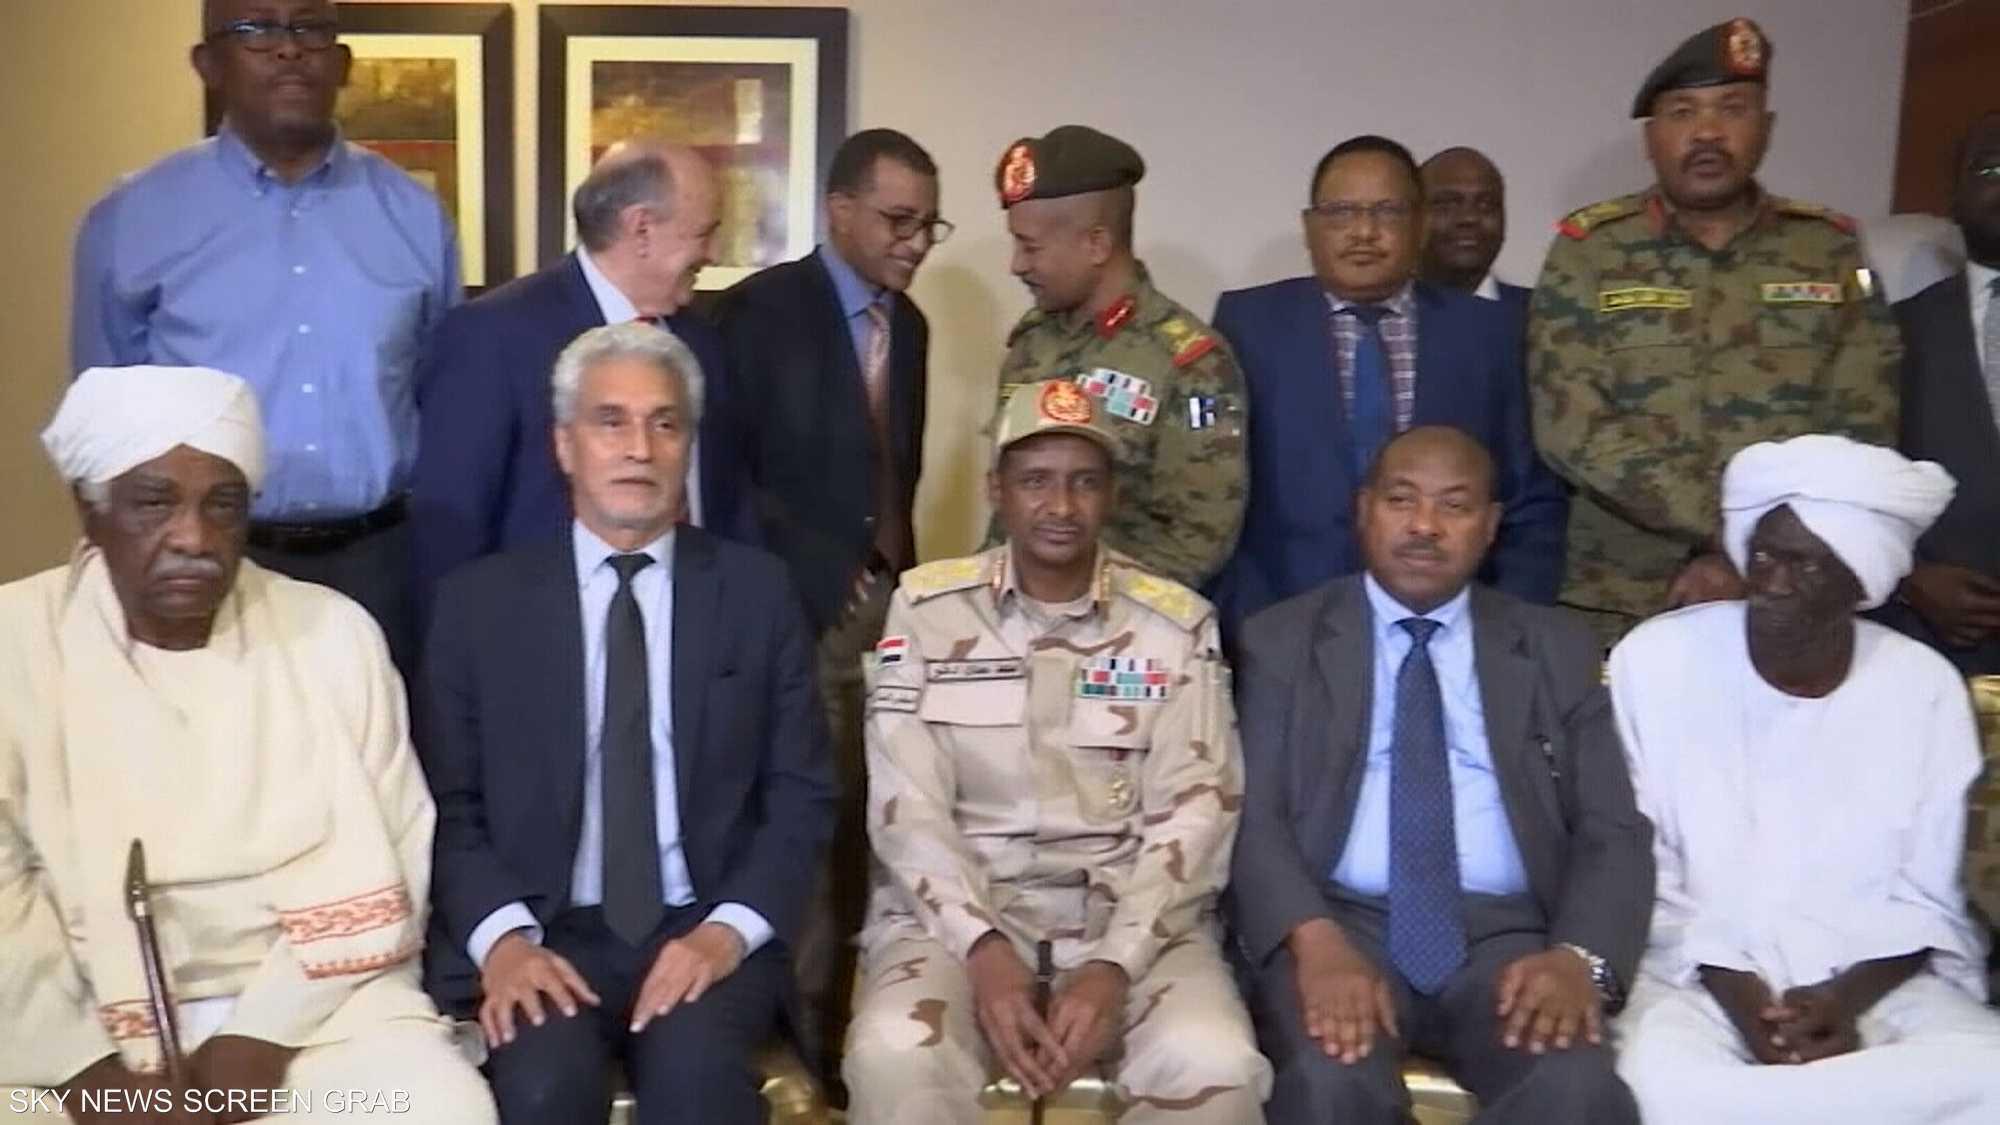 المجلس العسكري والحرية والتغيير يتوصلان لصيغة نهائية للاتفاق